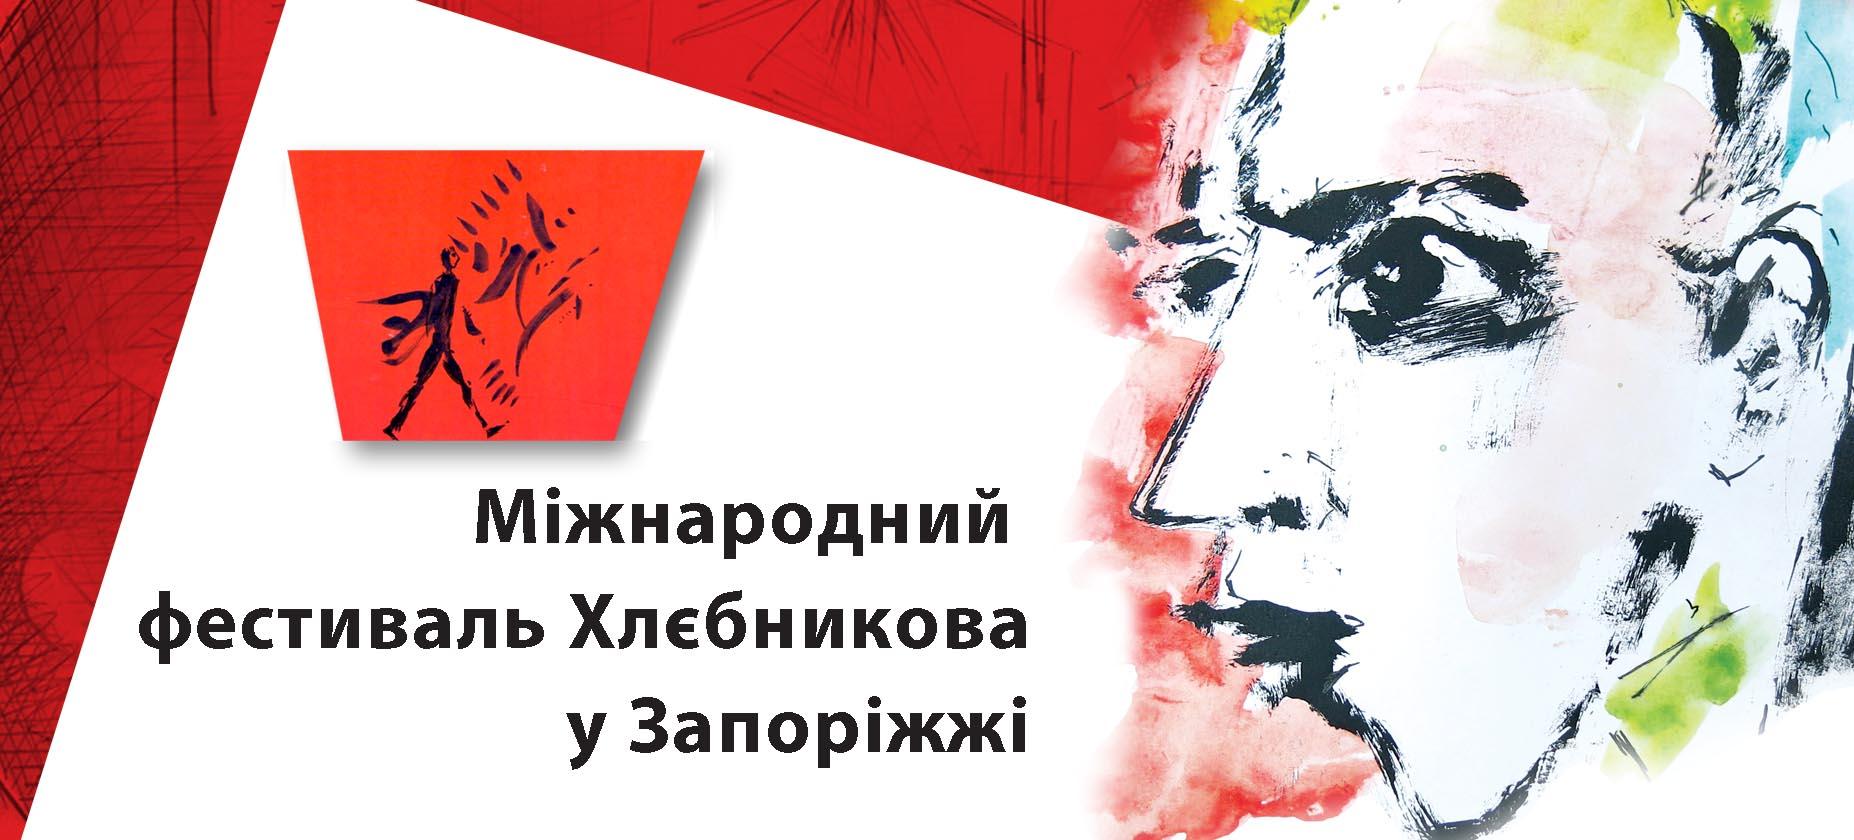 Международный фестиваль Хлебникова в Запорожье